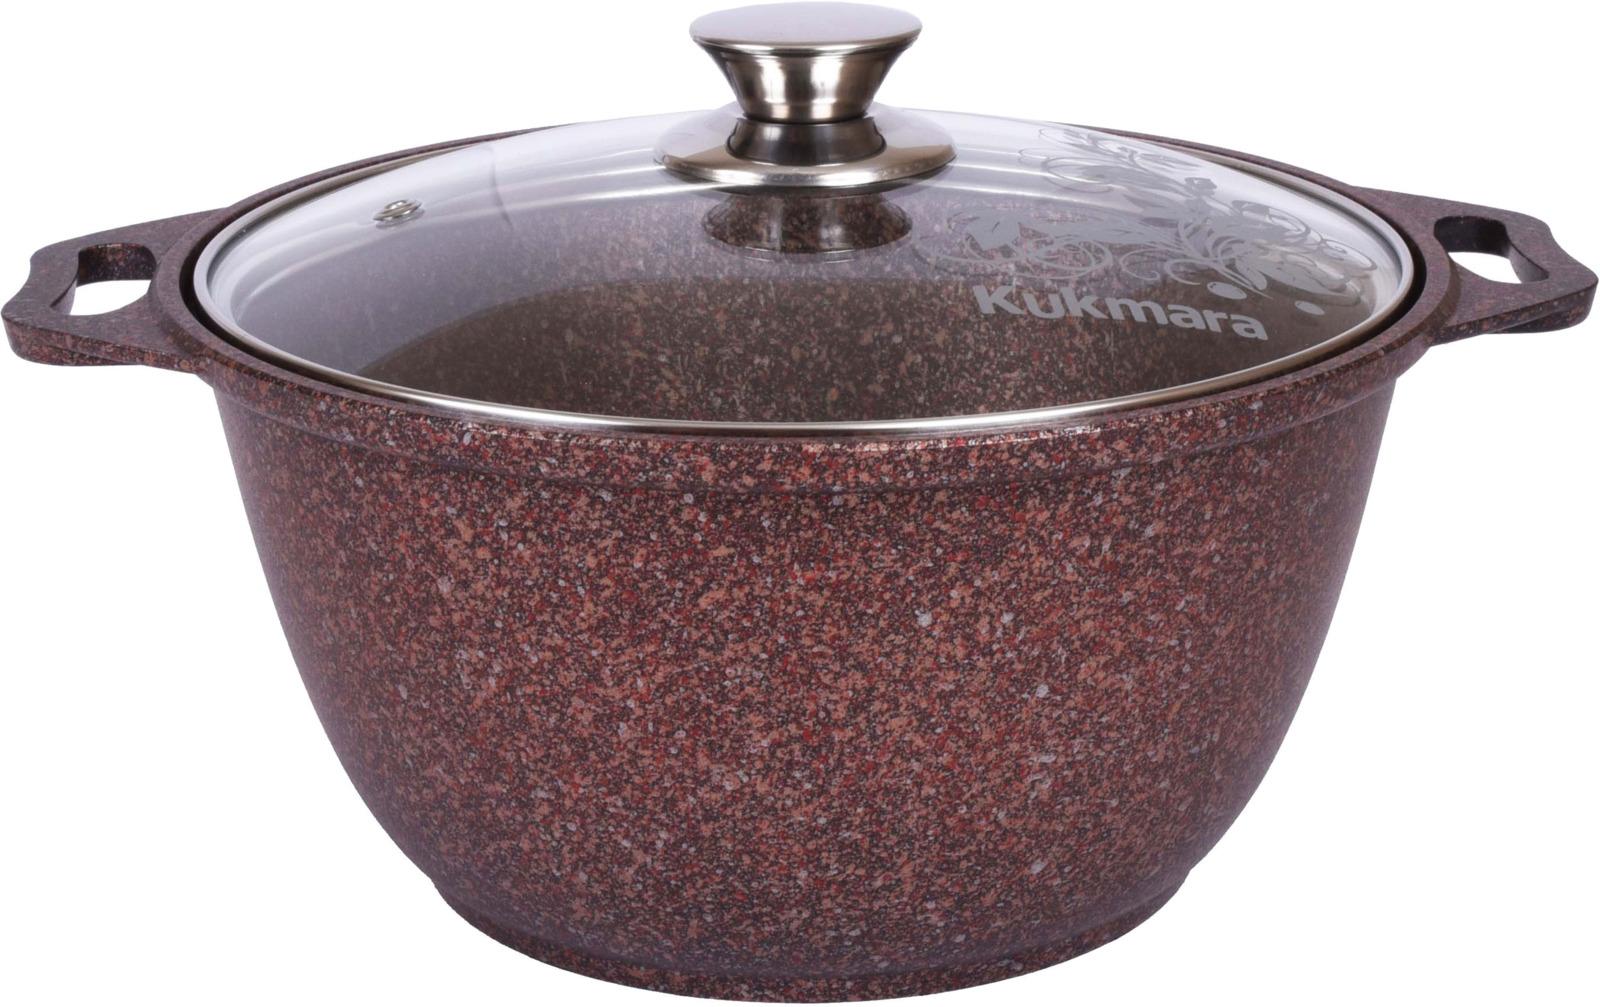 Кастрюля Kukmara Granit ultra, с мраморным антипригарным покрытием, с крышкой, цвет: коричнево-красный, 3 л кастрюля kukmara светлый мрамор с крышкой с антипригарным покрытием со съемной ручкой 1 5 л